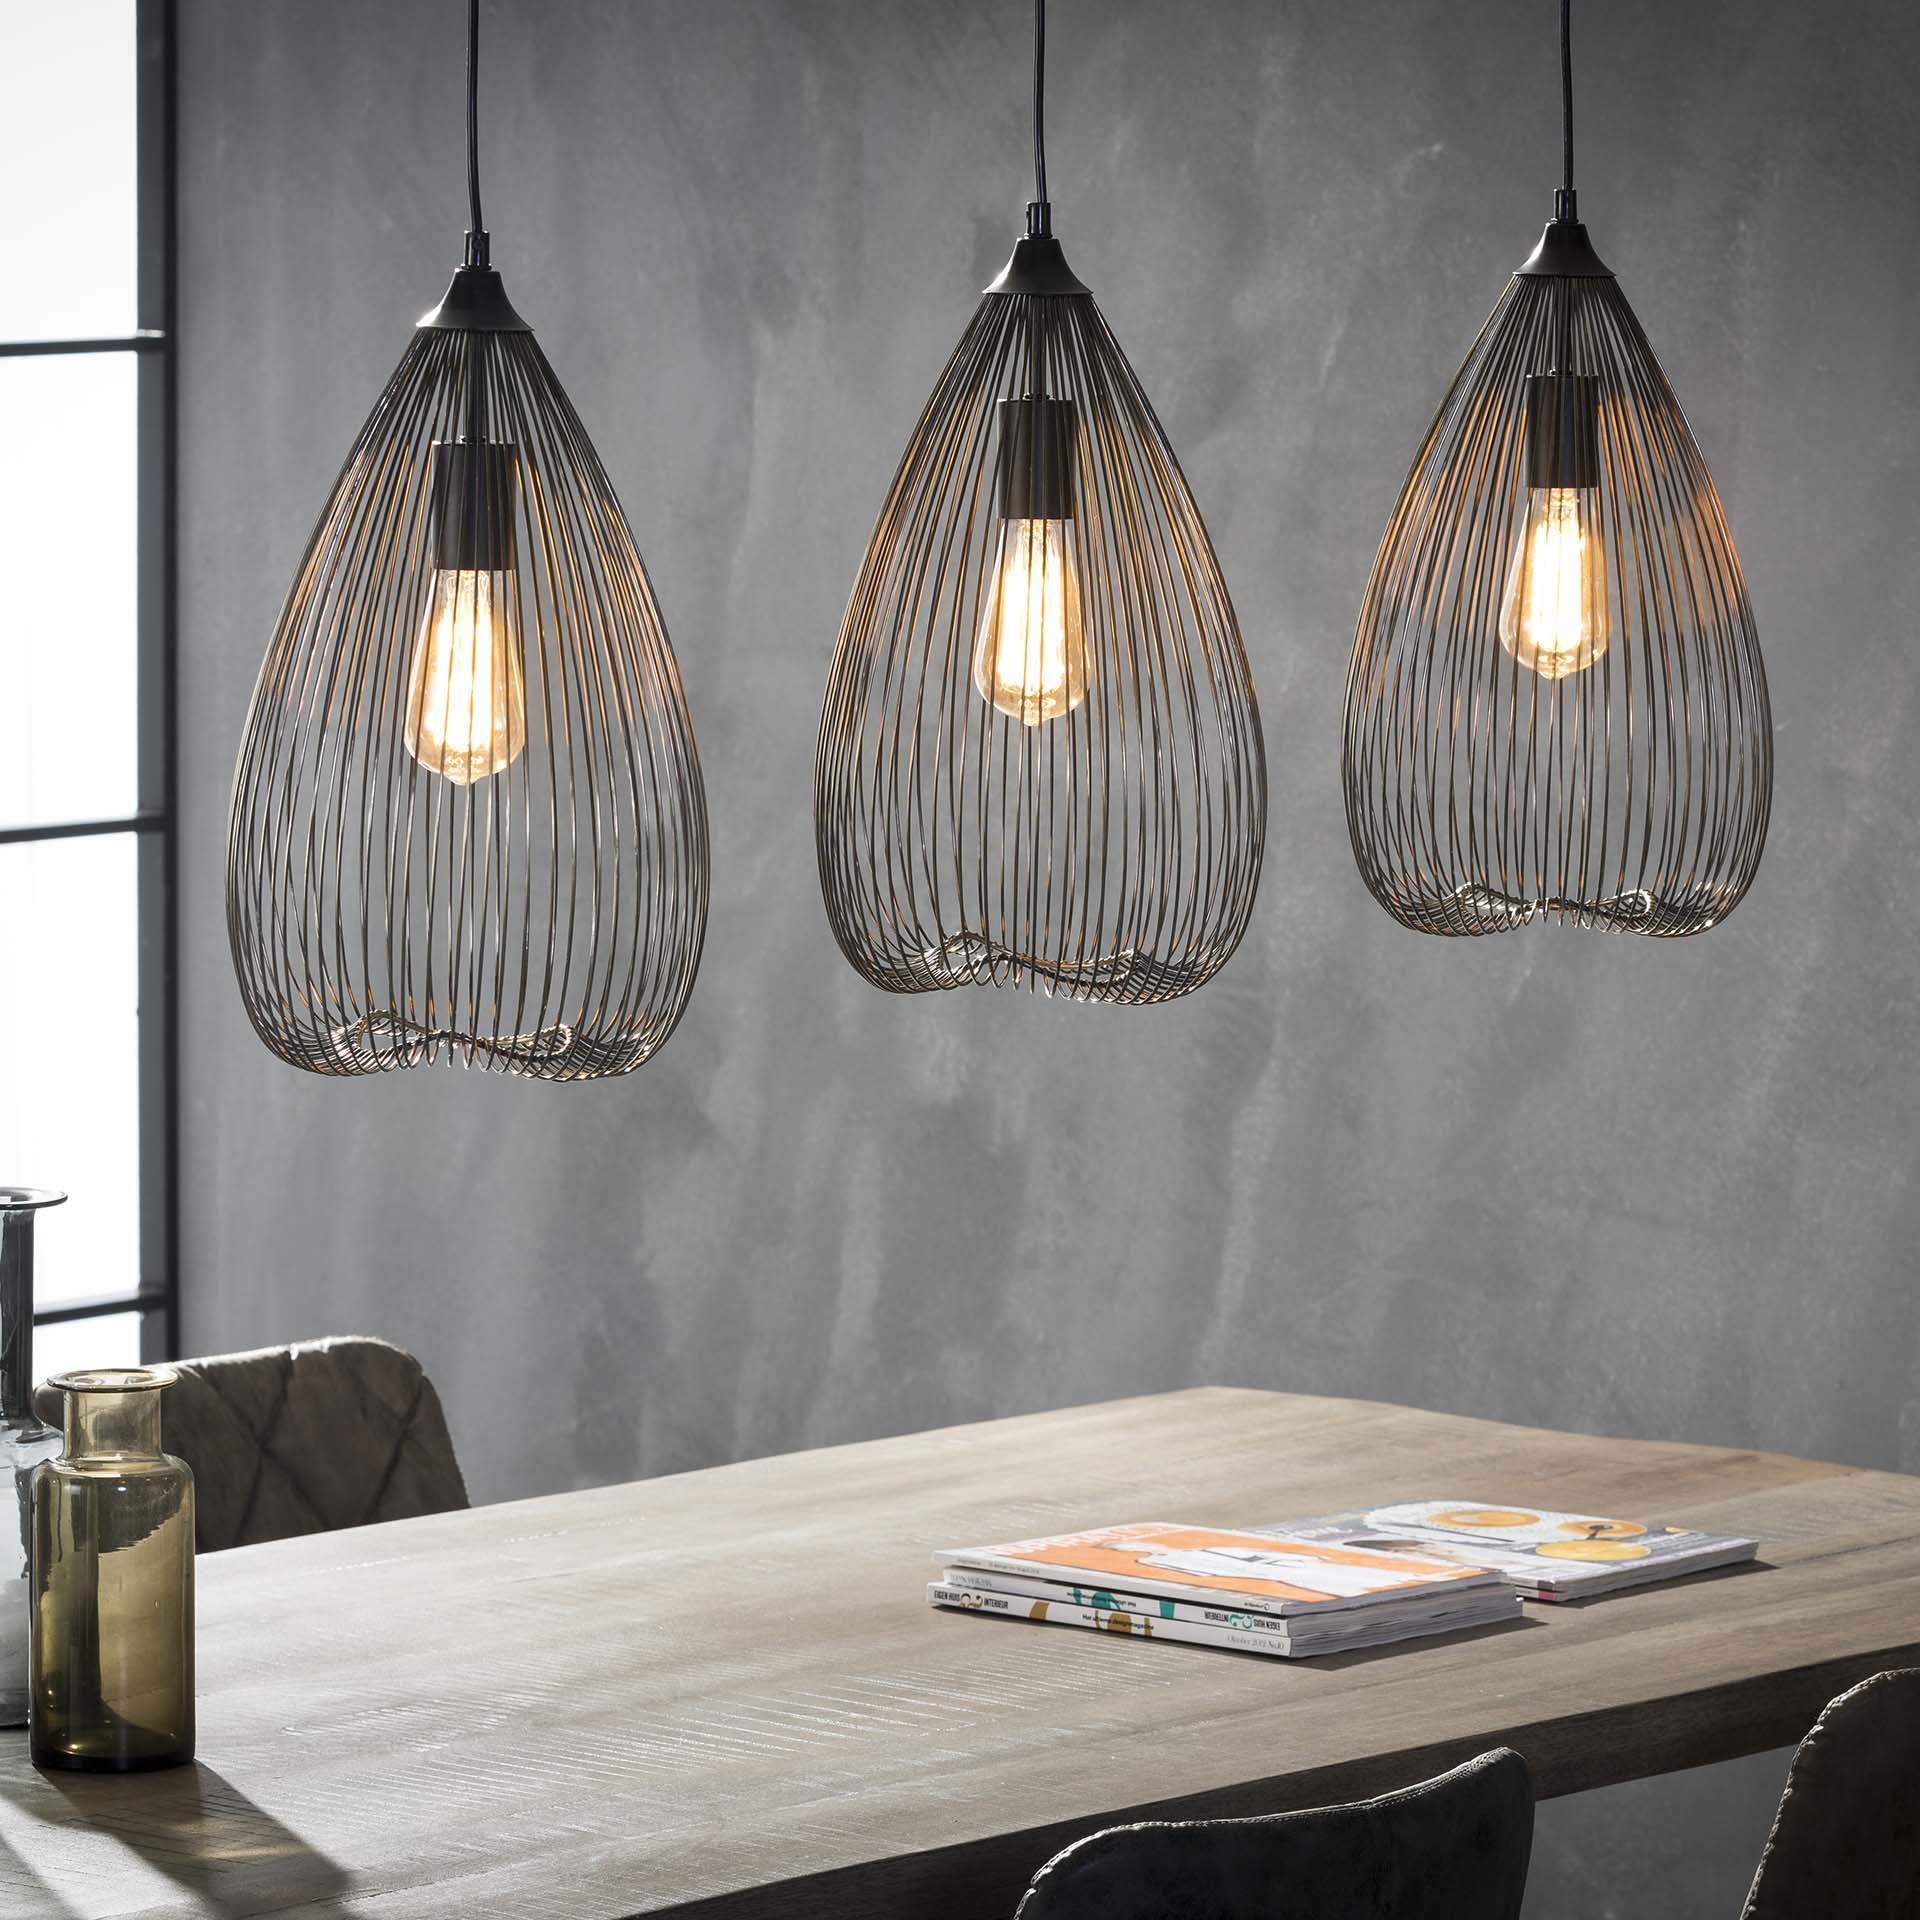 Hanglamp 'J�rgen' 3-lamps